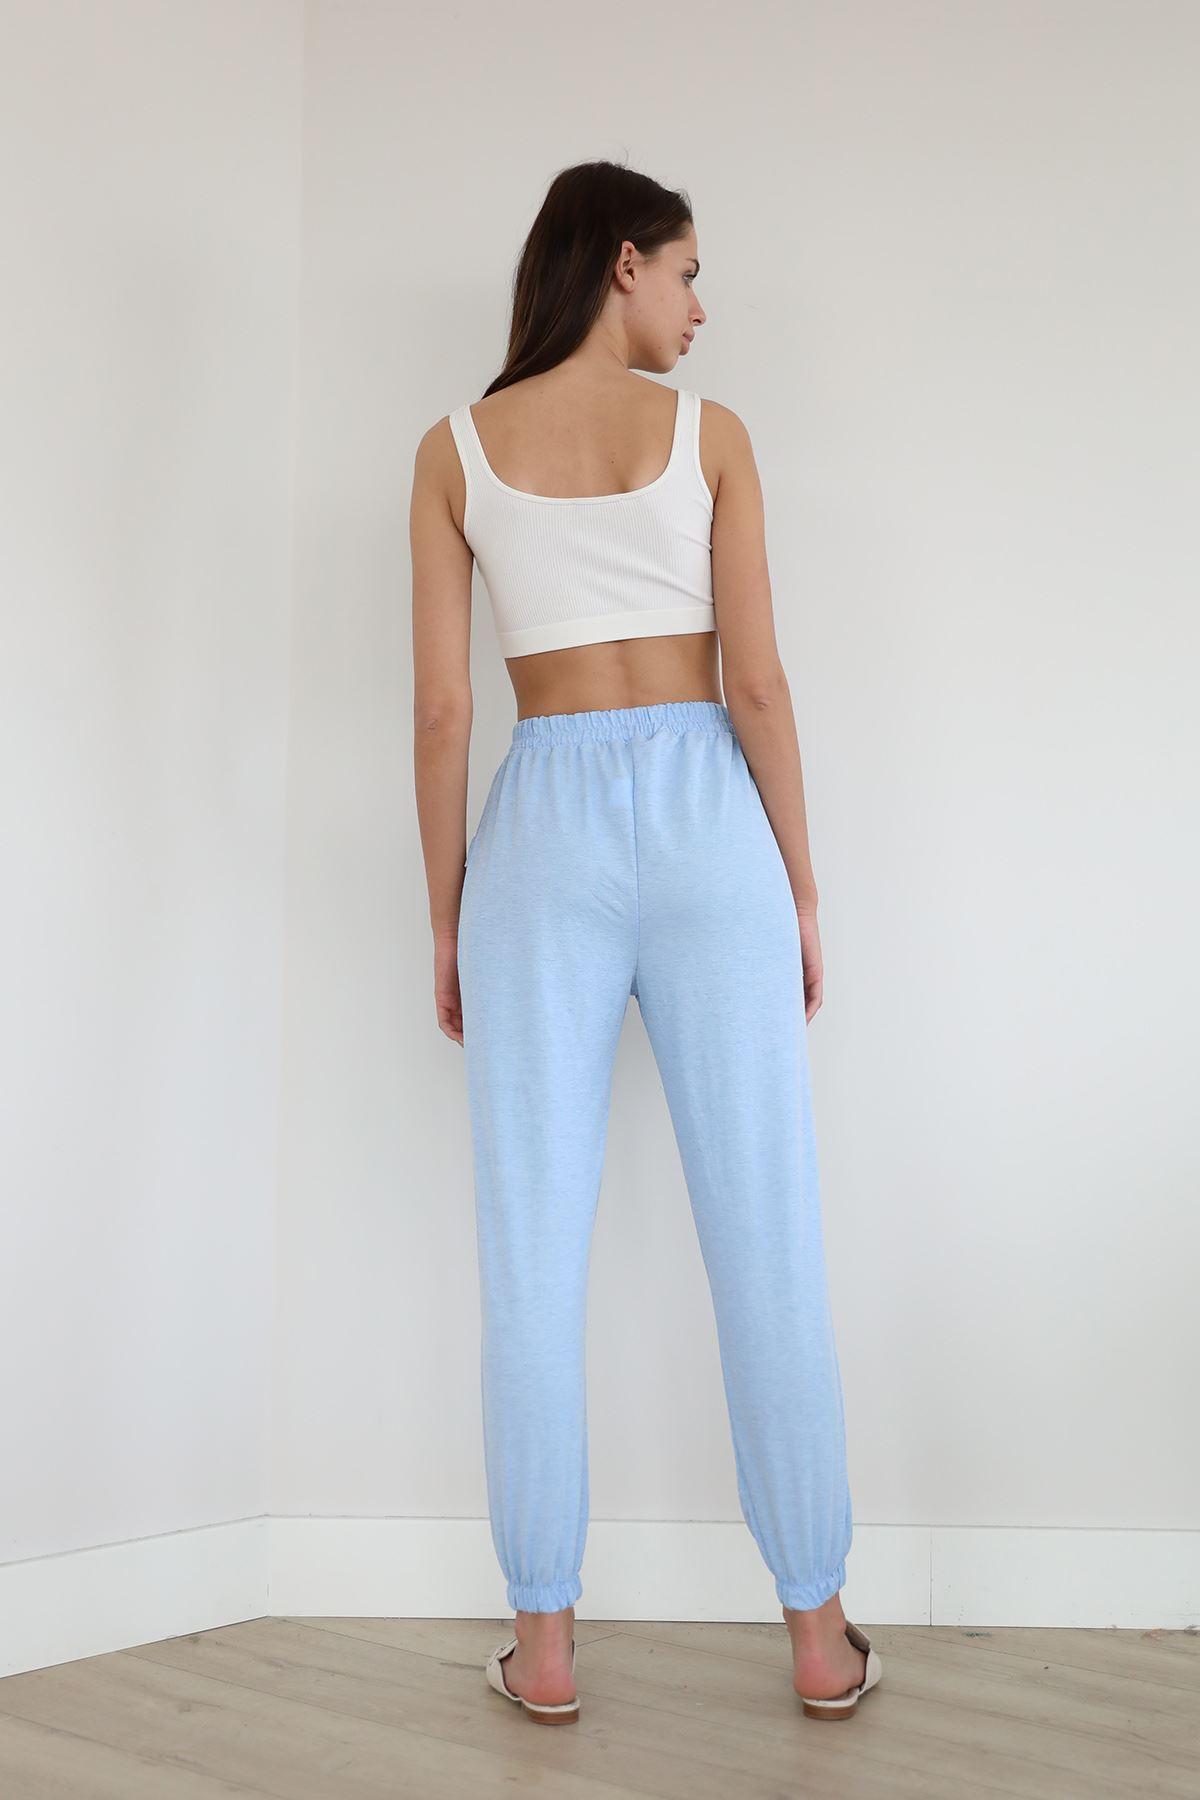 Beli Lastikli Salaş Pantolon-Bebemavi